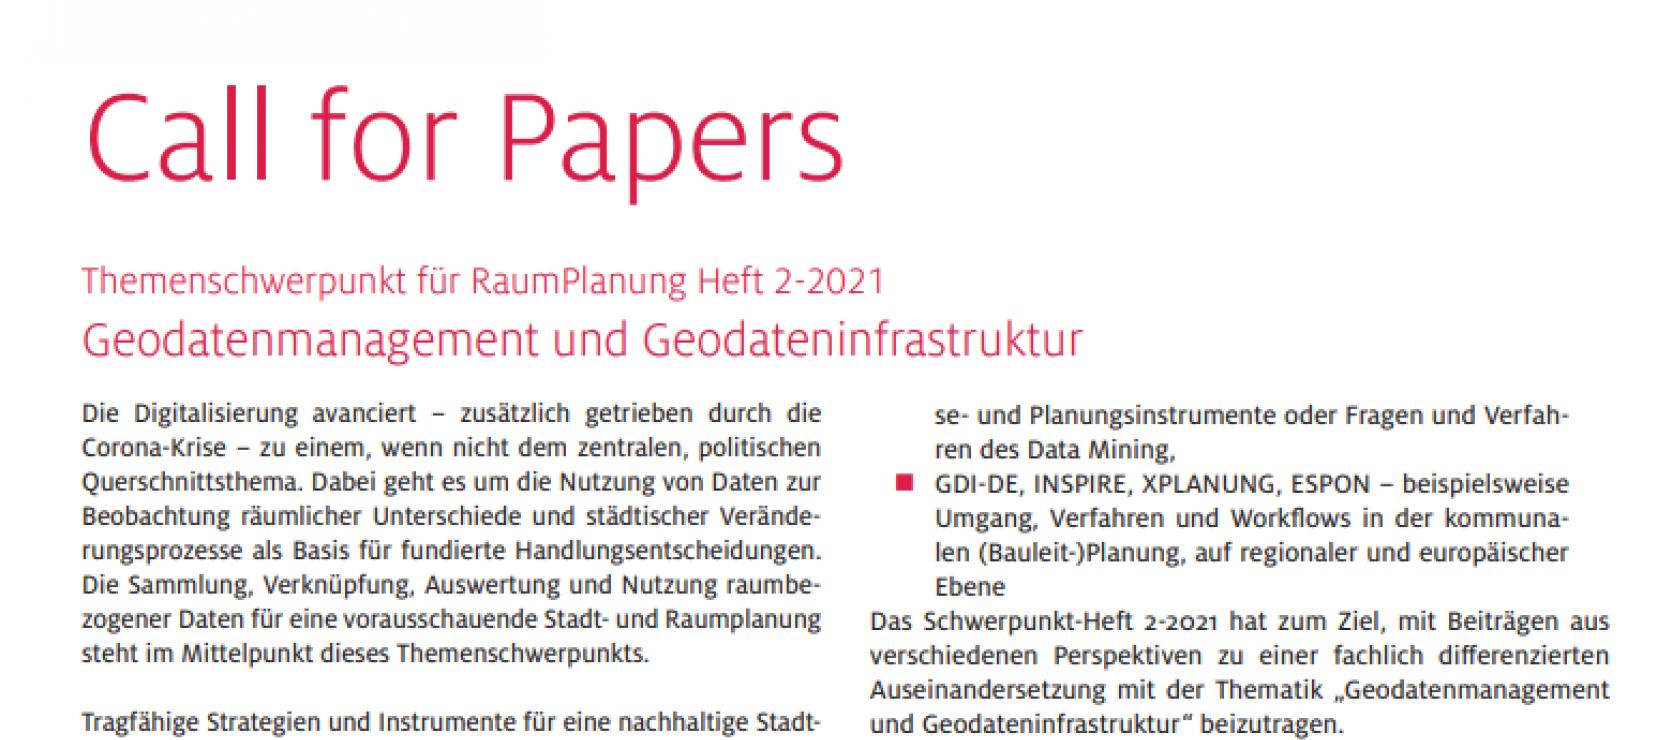 Call for Papers: Geodatenmanagement und Geodateninfrastruktur